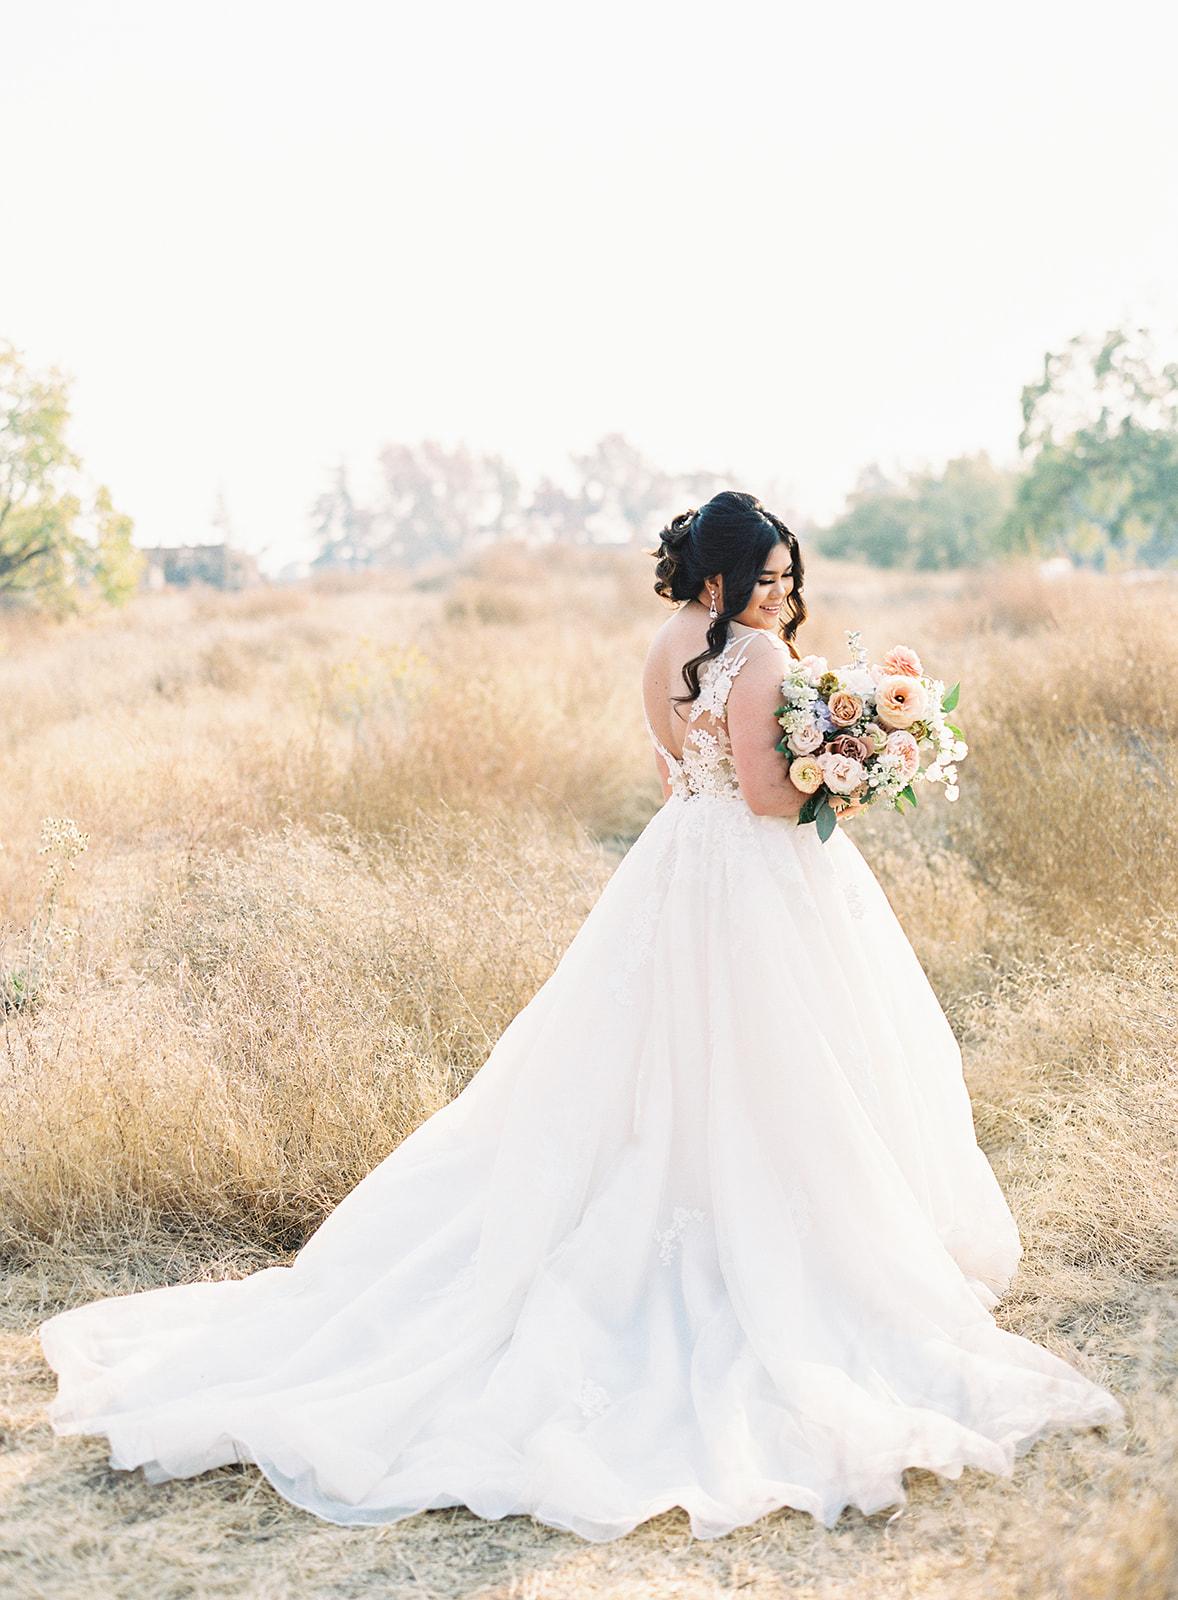 NathalieChengPhotography_AiahMichael_Wedding_240.jpg